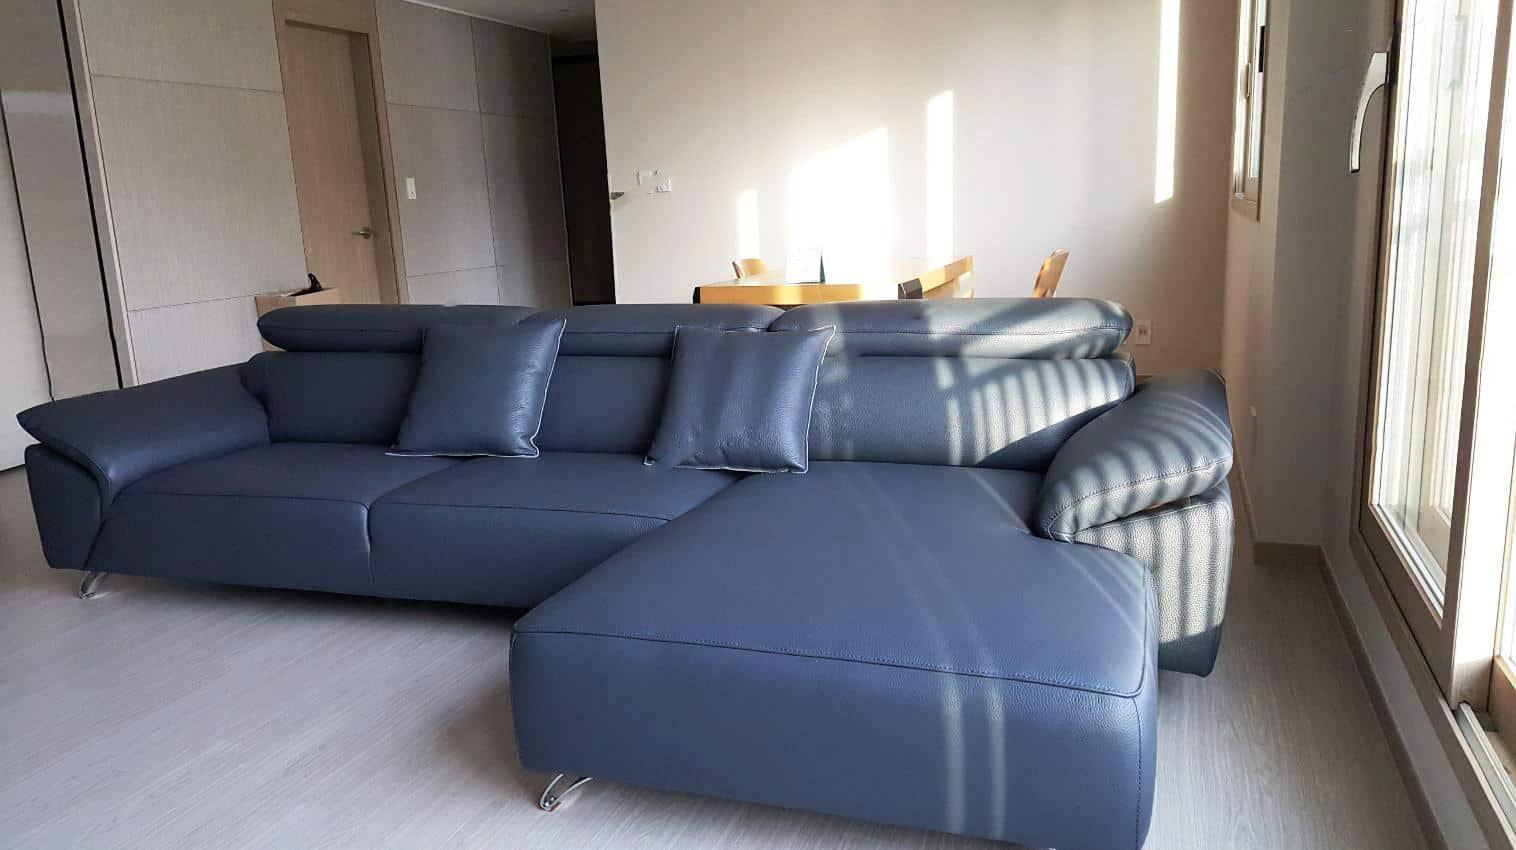 Sofa Da Màu Xanh   Bàn Giao Cho Chú Trung Ở Bắc Giang